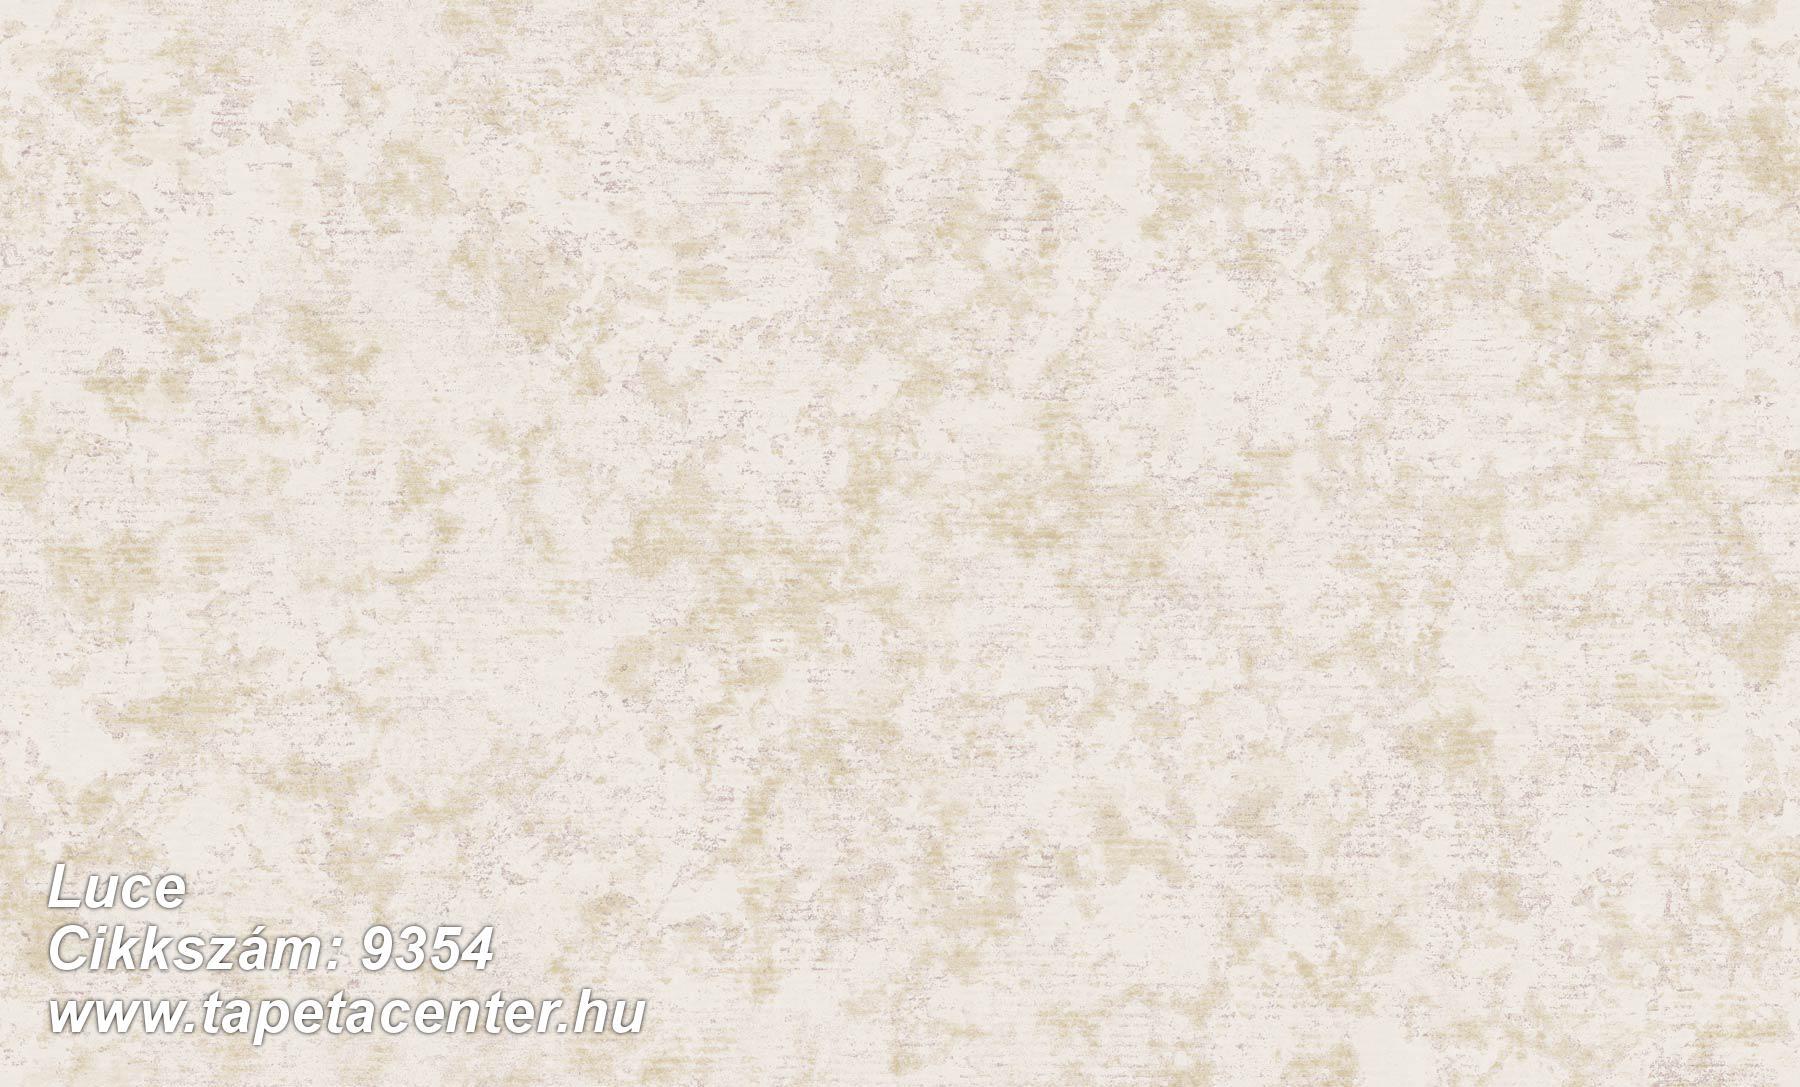 Luce - 9354 Olasz tapéta